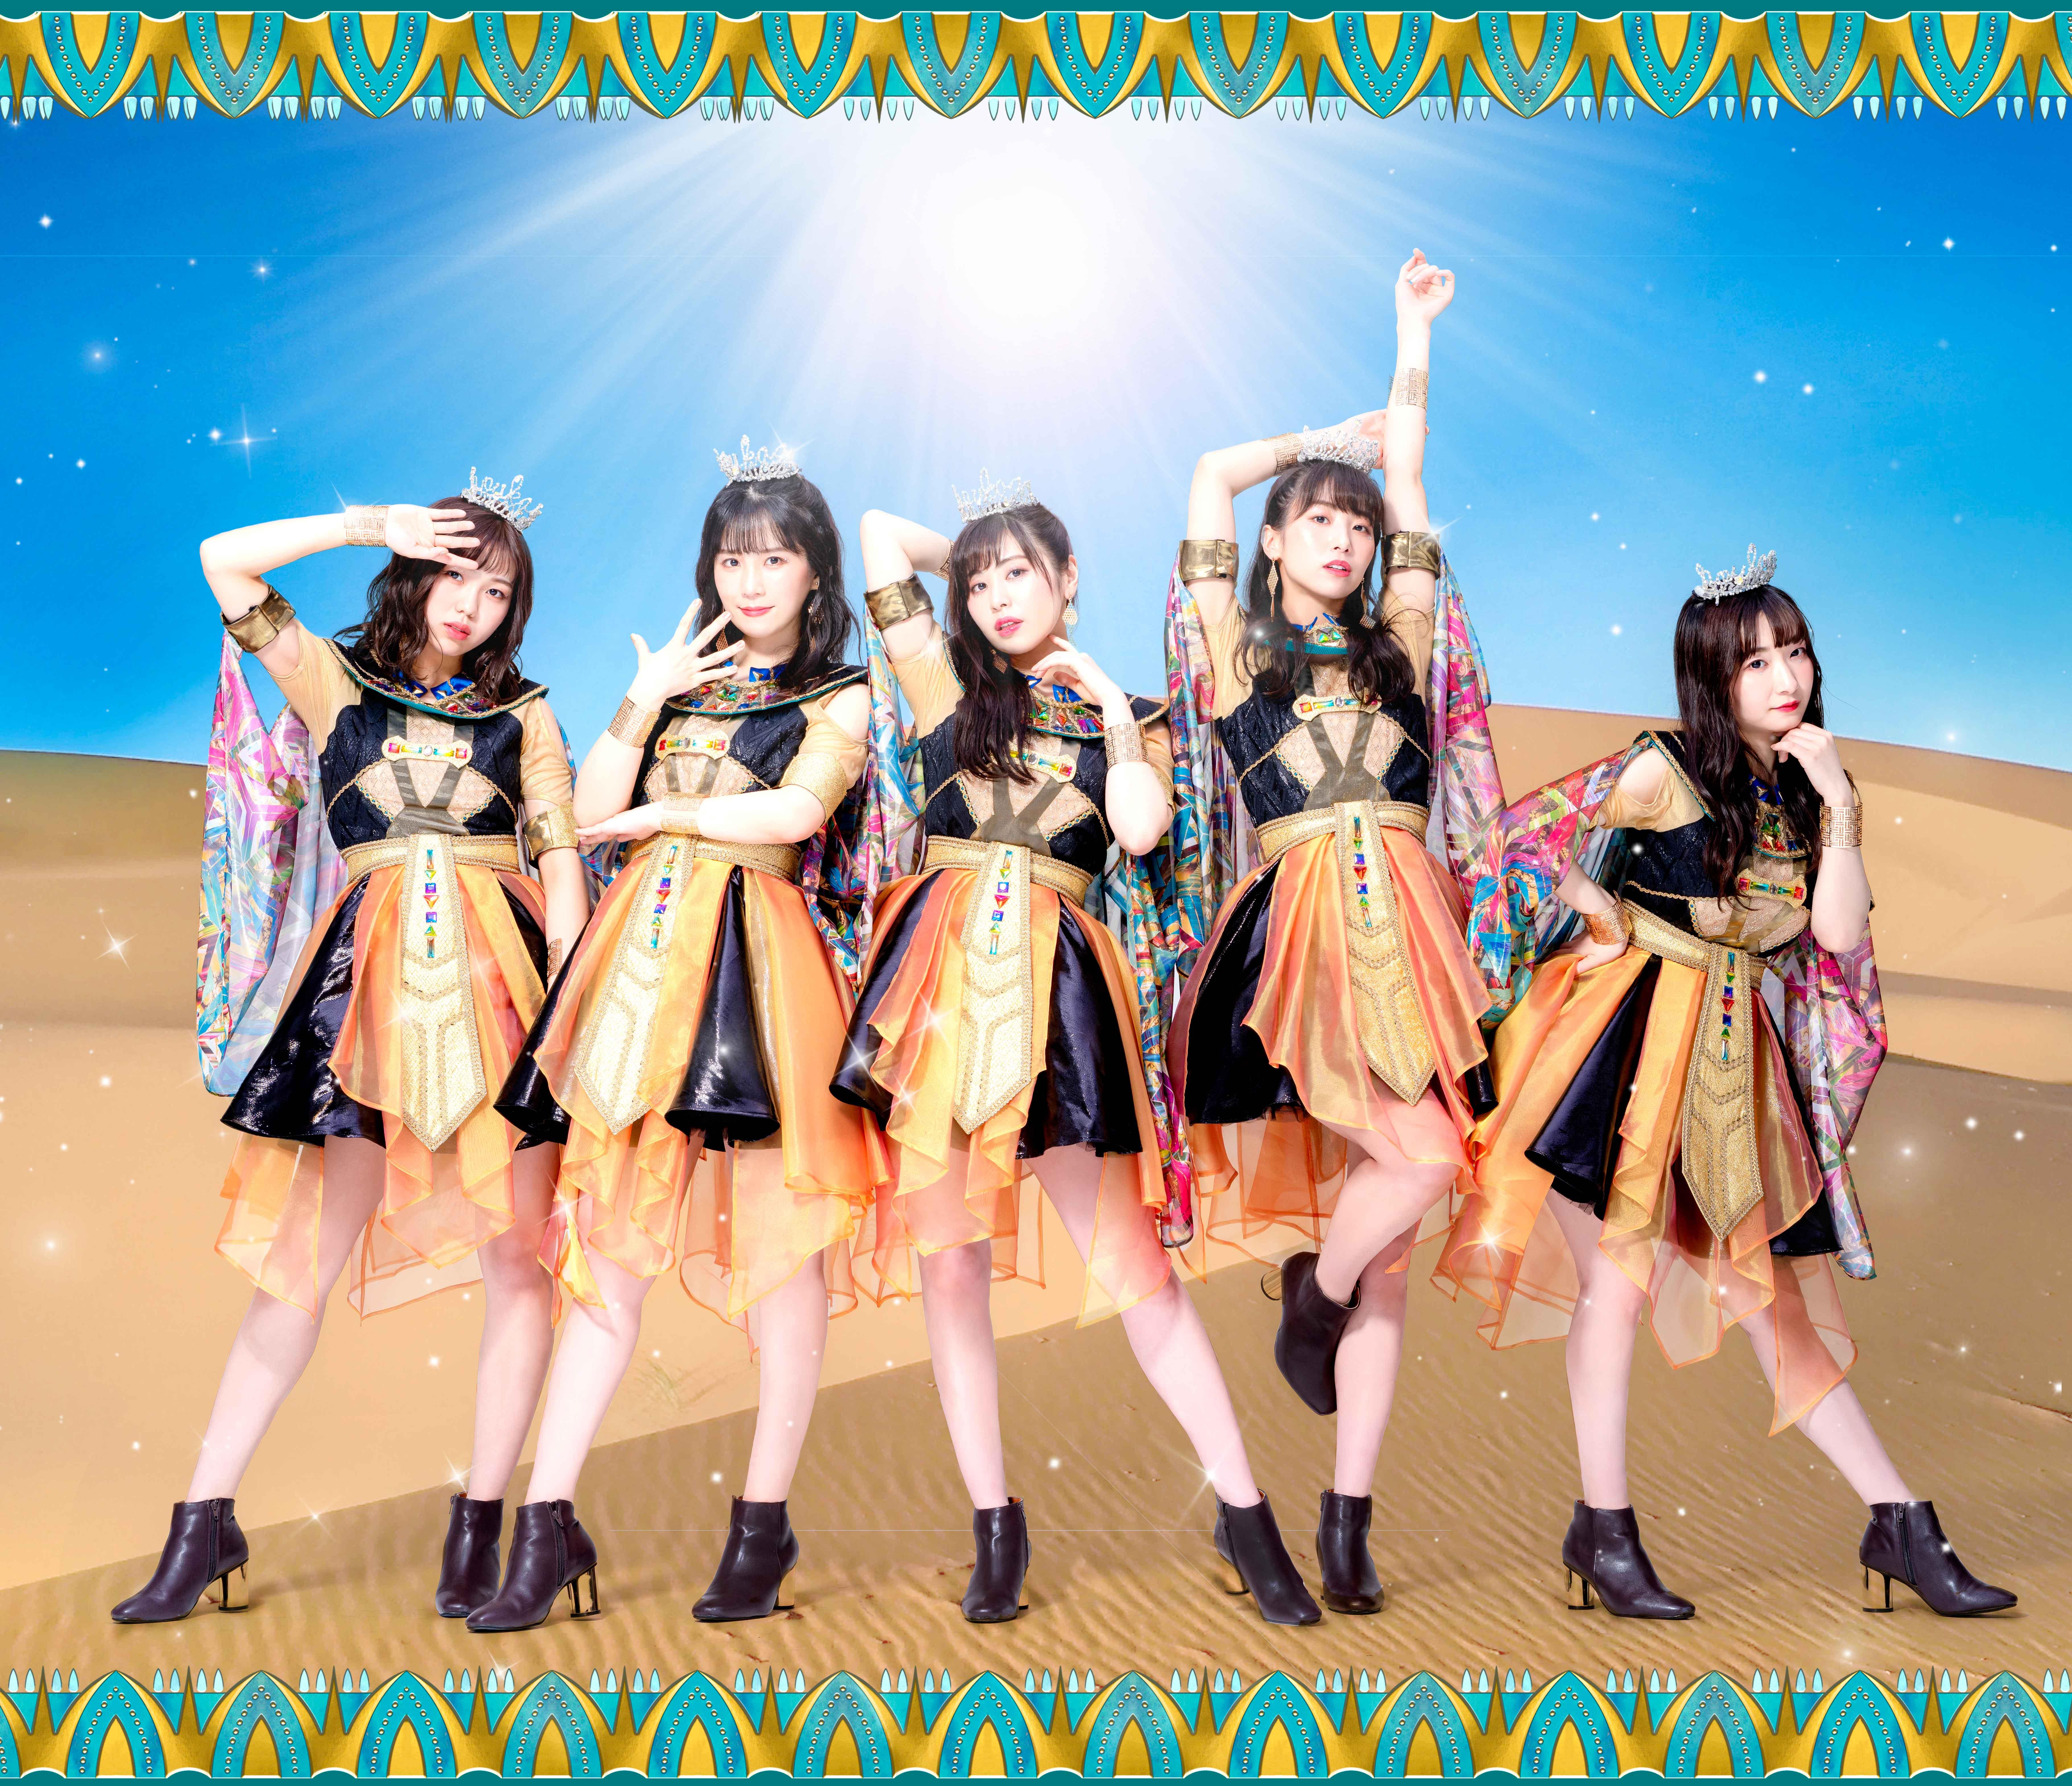 株式会社FORZA RECORD 放課後プリンセス NEWシングル2020年7月29日発売決定!!